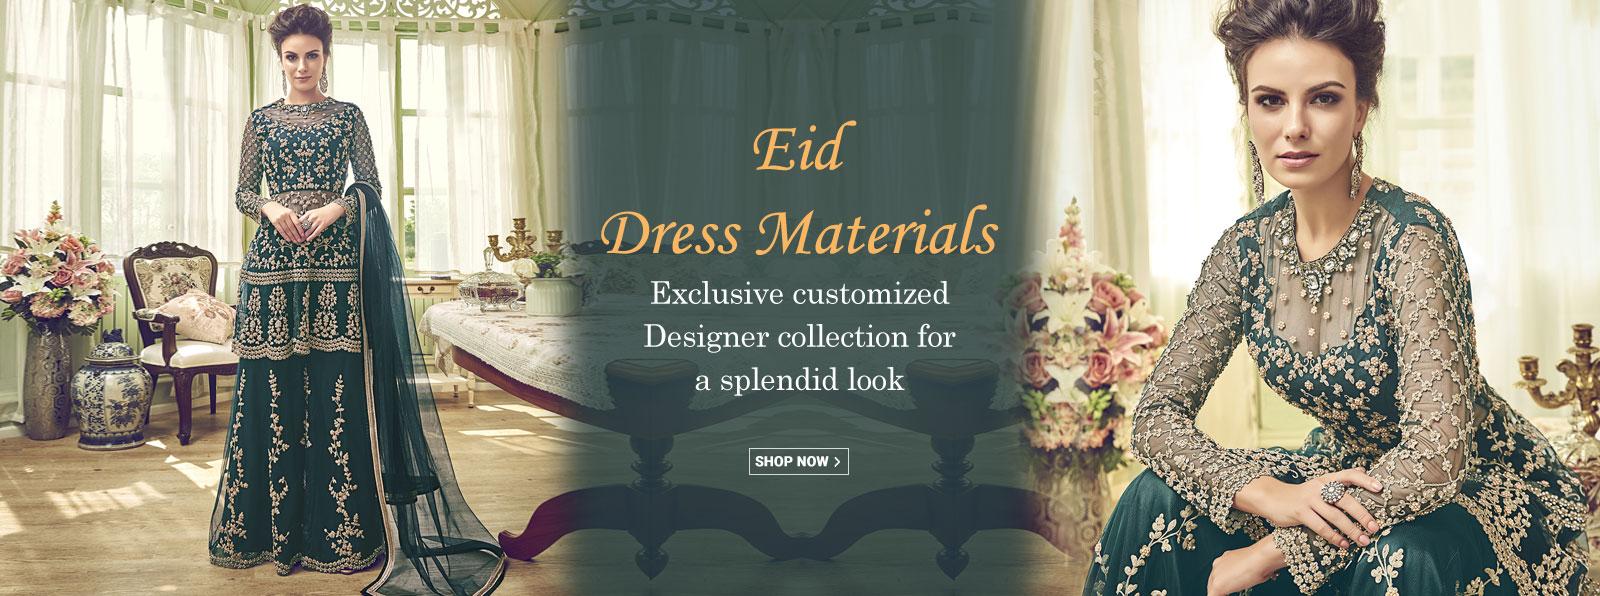 Eid_Dresses